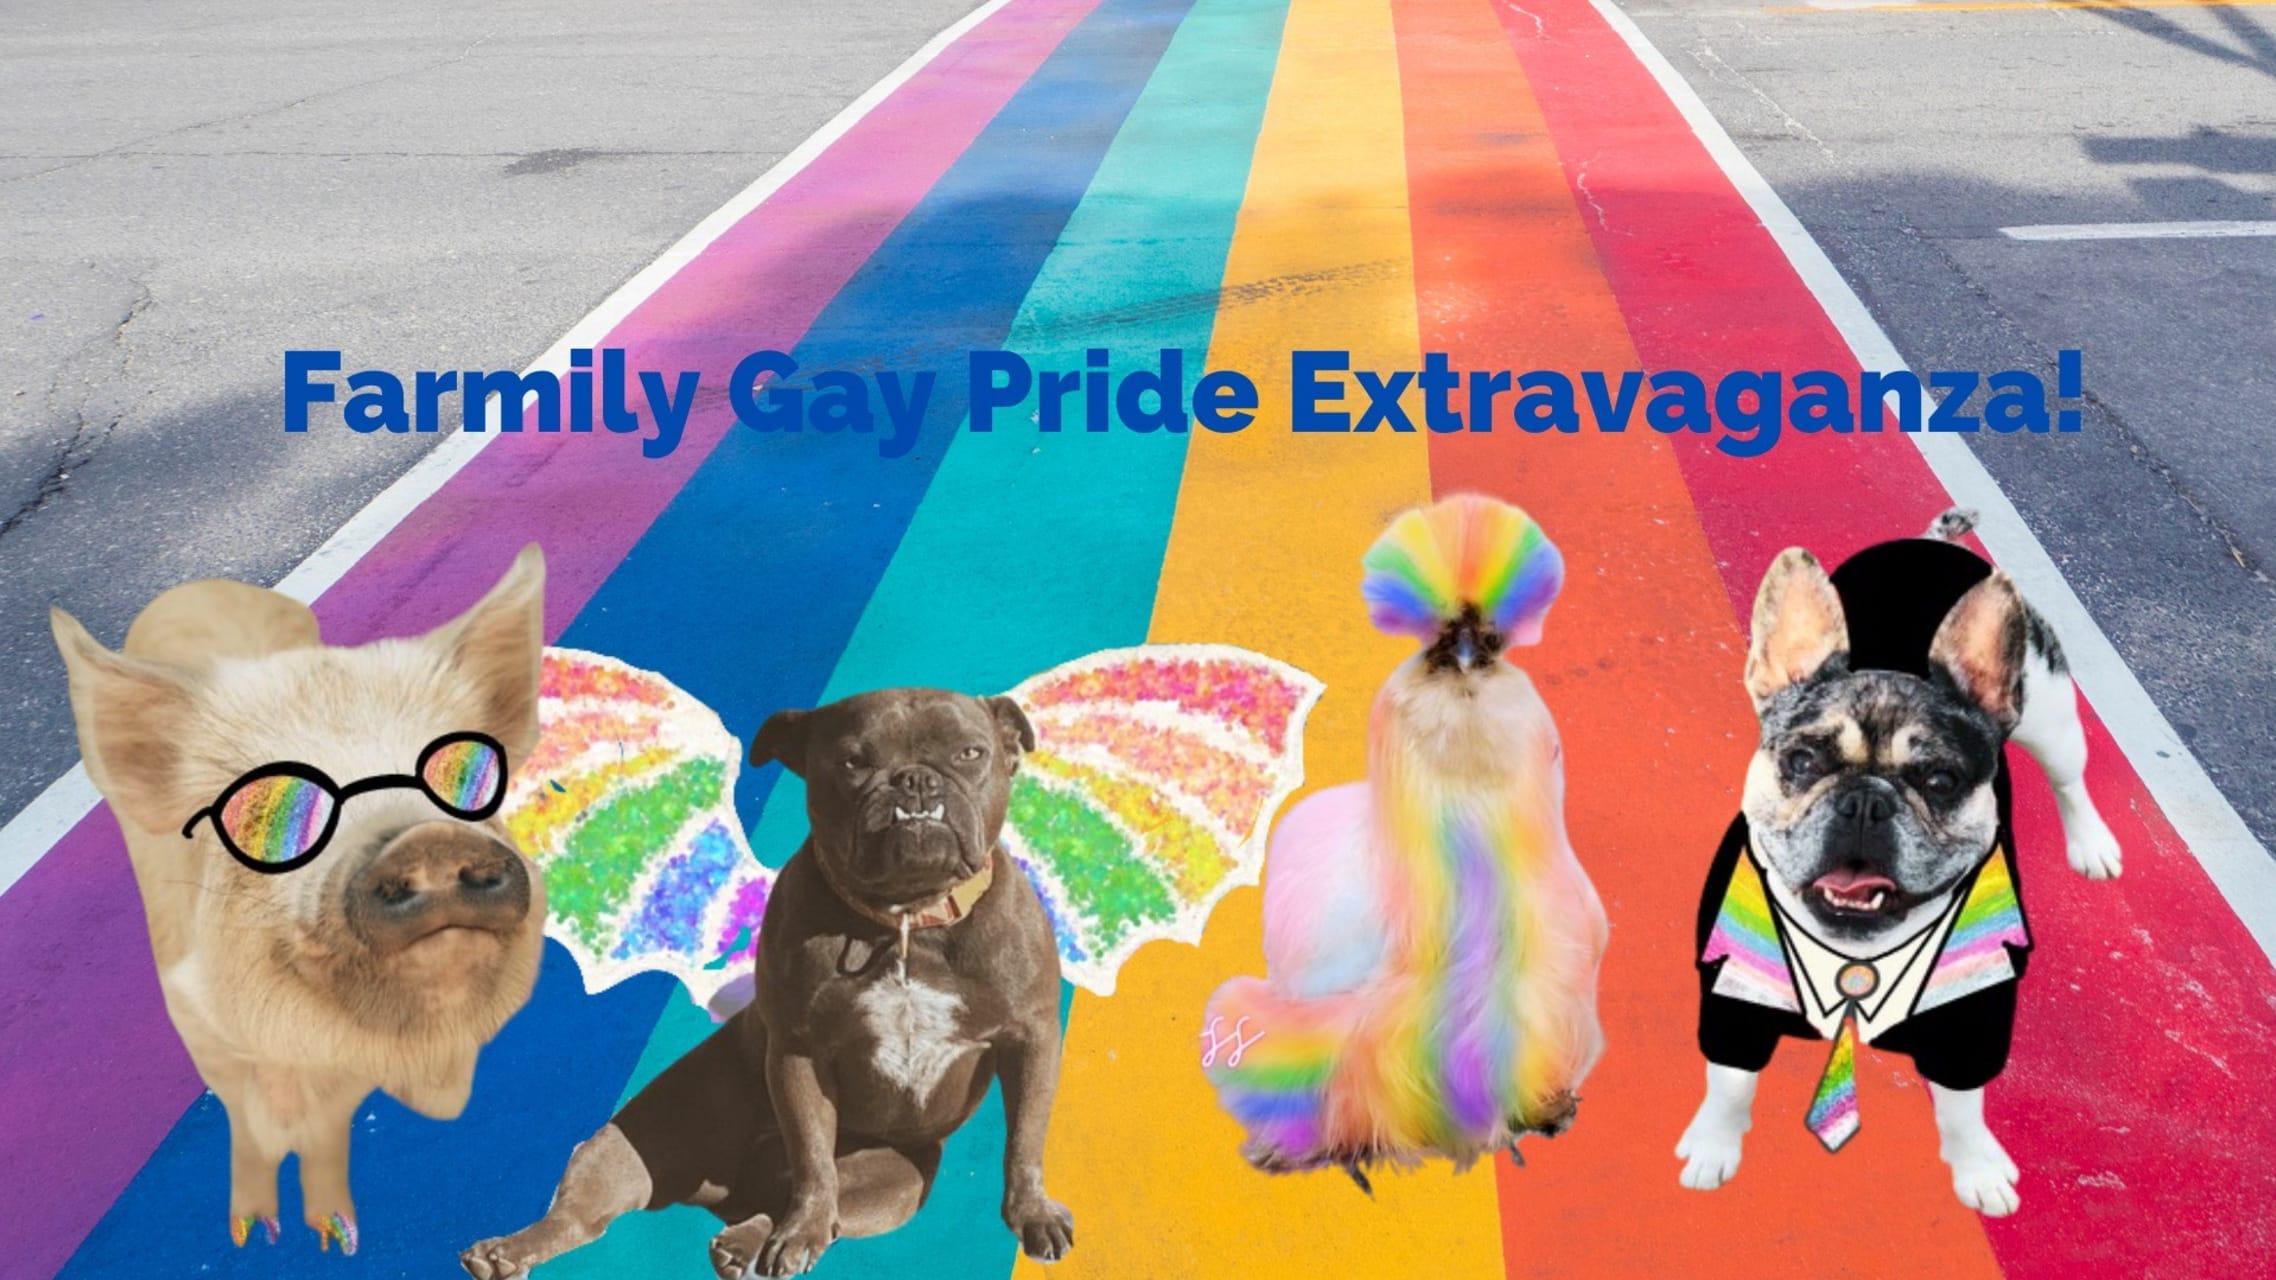 San Francisco - The Farmily Gay Pride Extravaganza